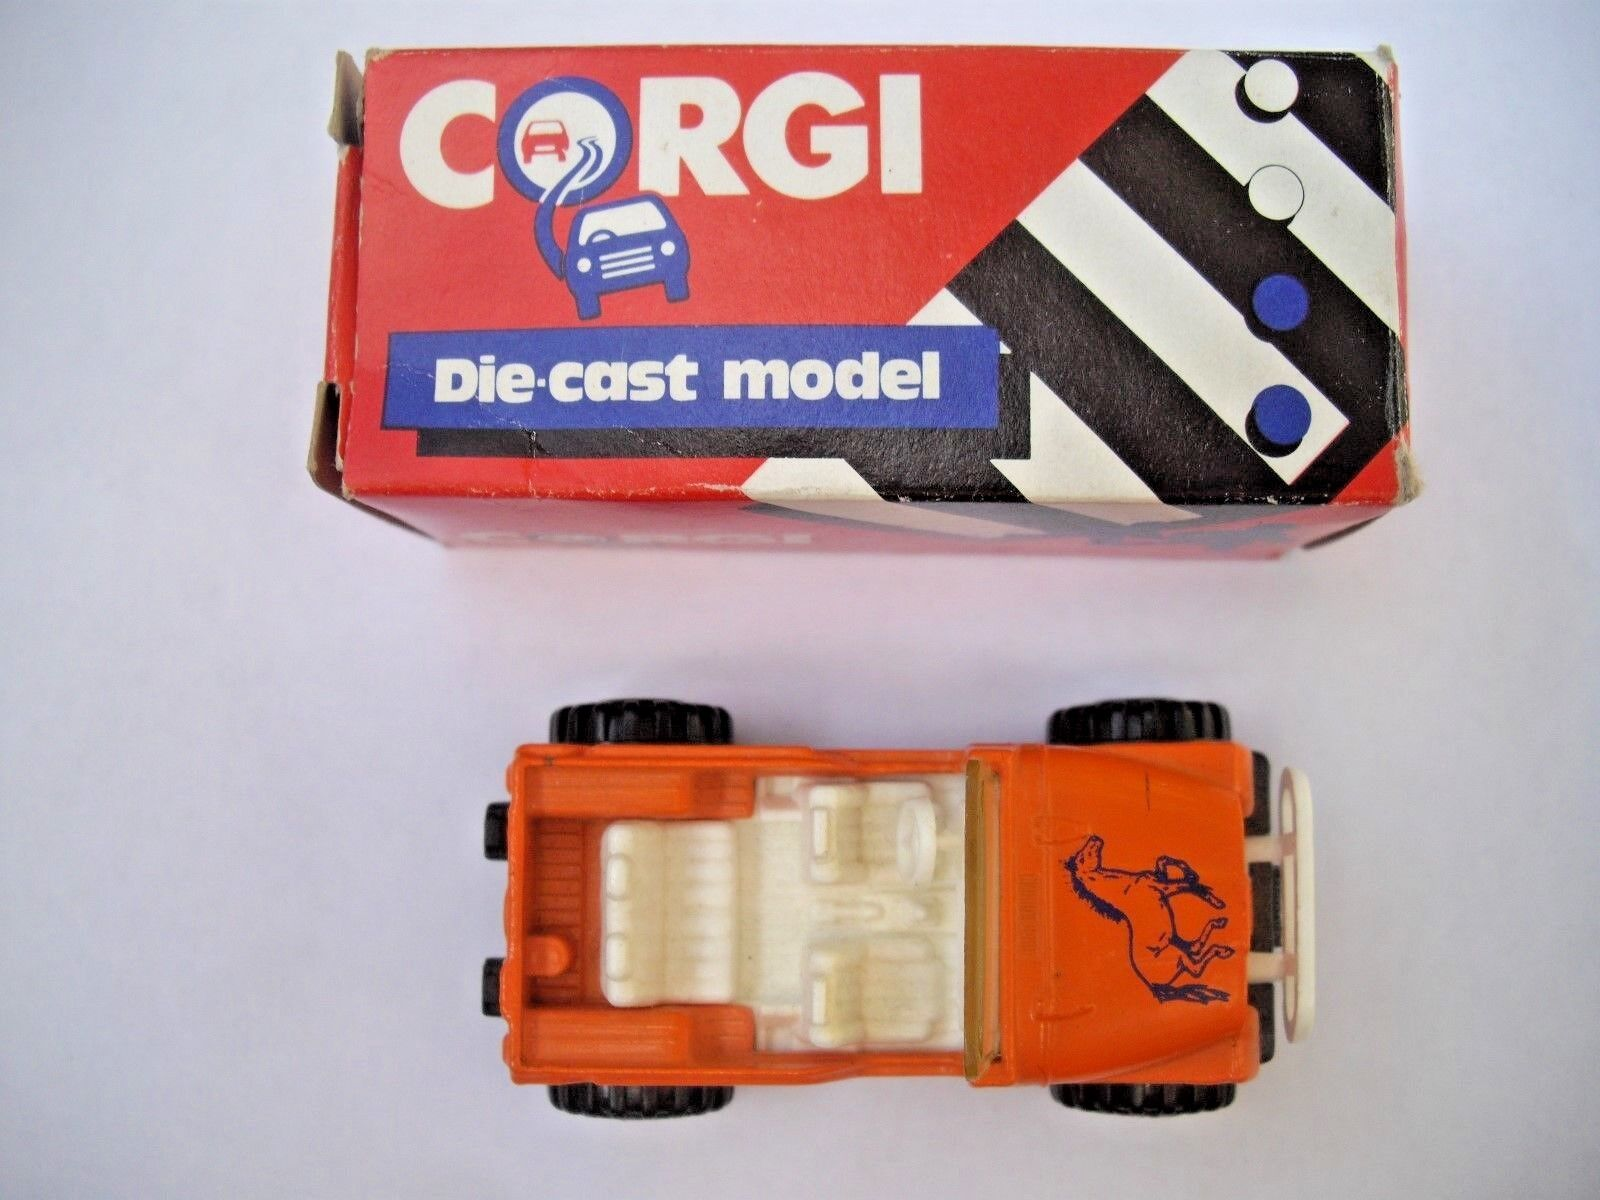 CORGI Die-Cast Modello Car:4 x x x 4 Jeep in Arancione nella scatola originale f43b9a